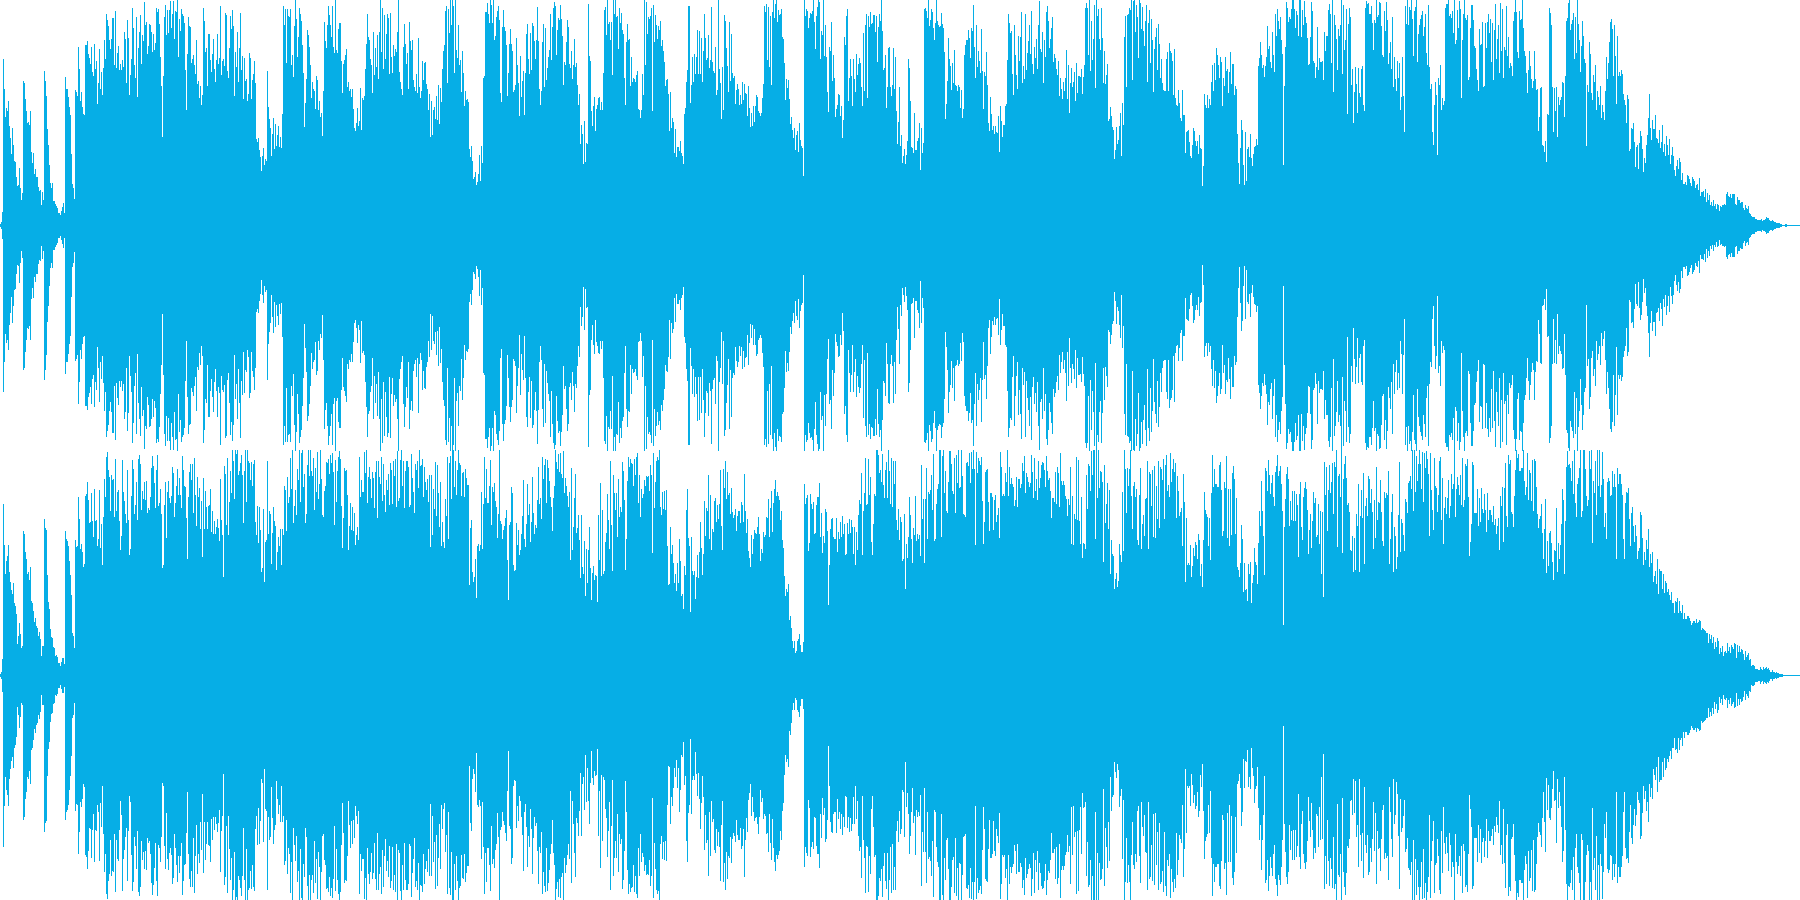 厚みのあるエレクトロサウンドの再生済みの波形